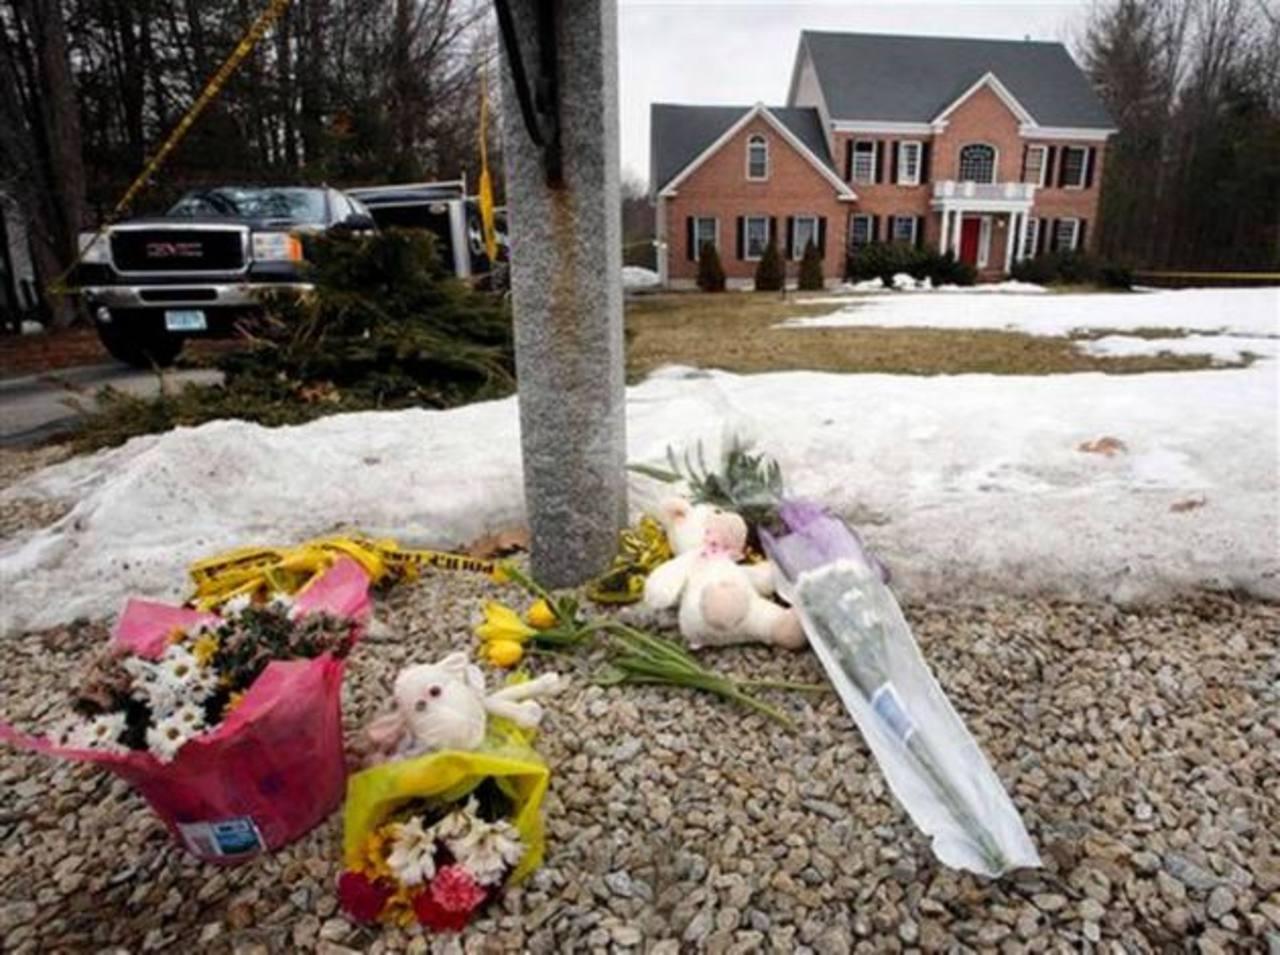 Mujer mata a sus hijas y luego se suicida, en EE. UU.